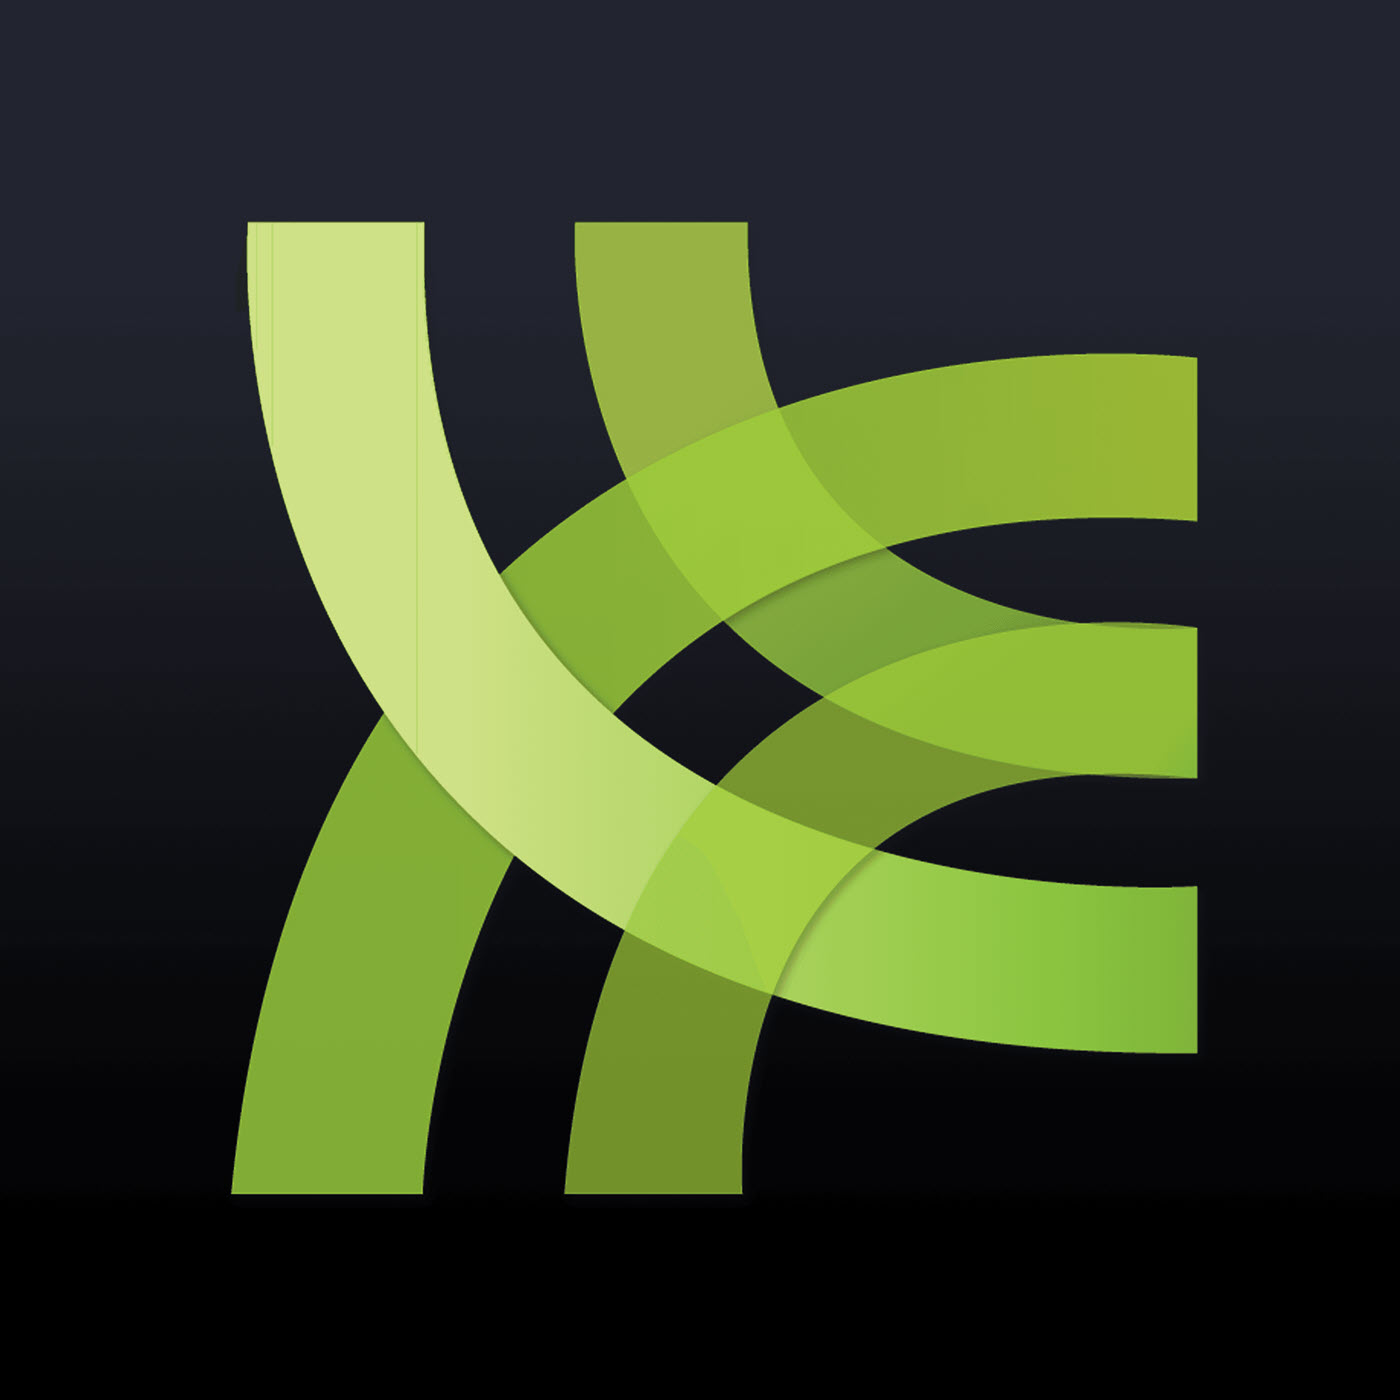 http://homedir-a.libsyn.com/podcasts/a7d93618adebbb3b6bfcd6def98aab9b/4bb93c01/bigphil/images/448242854_d6fba722e3.jpg